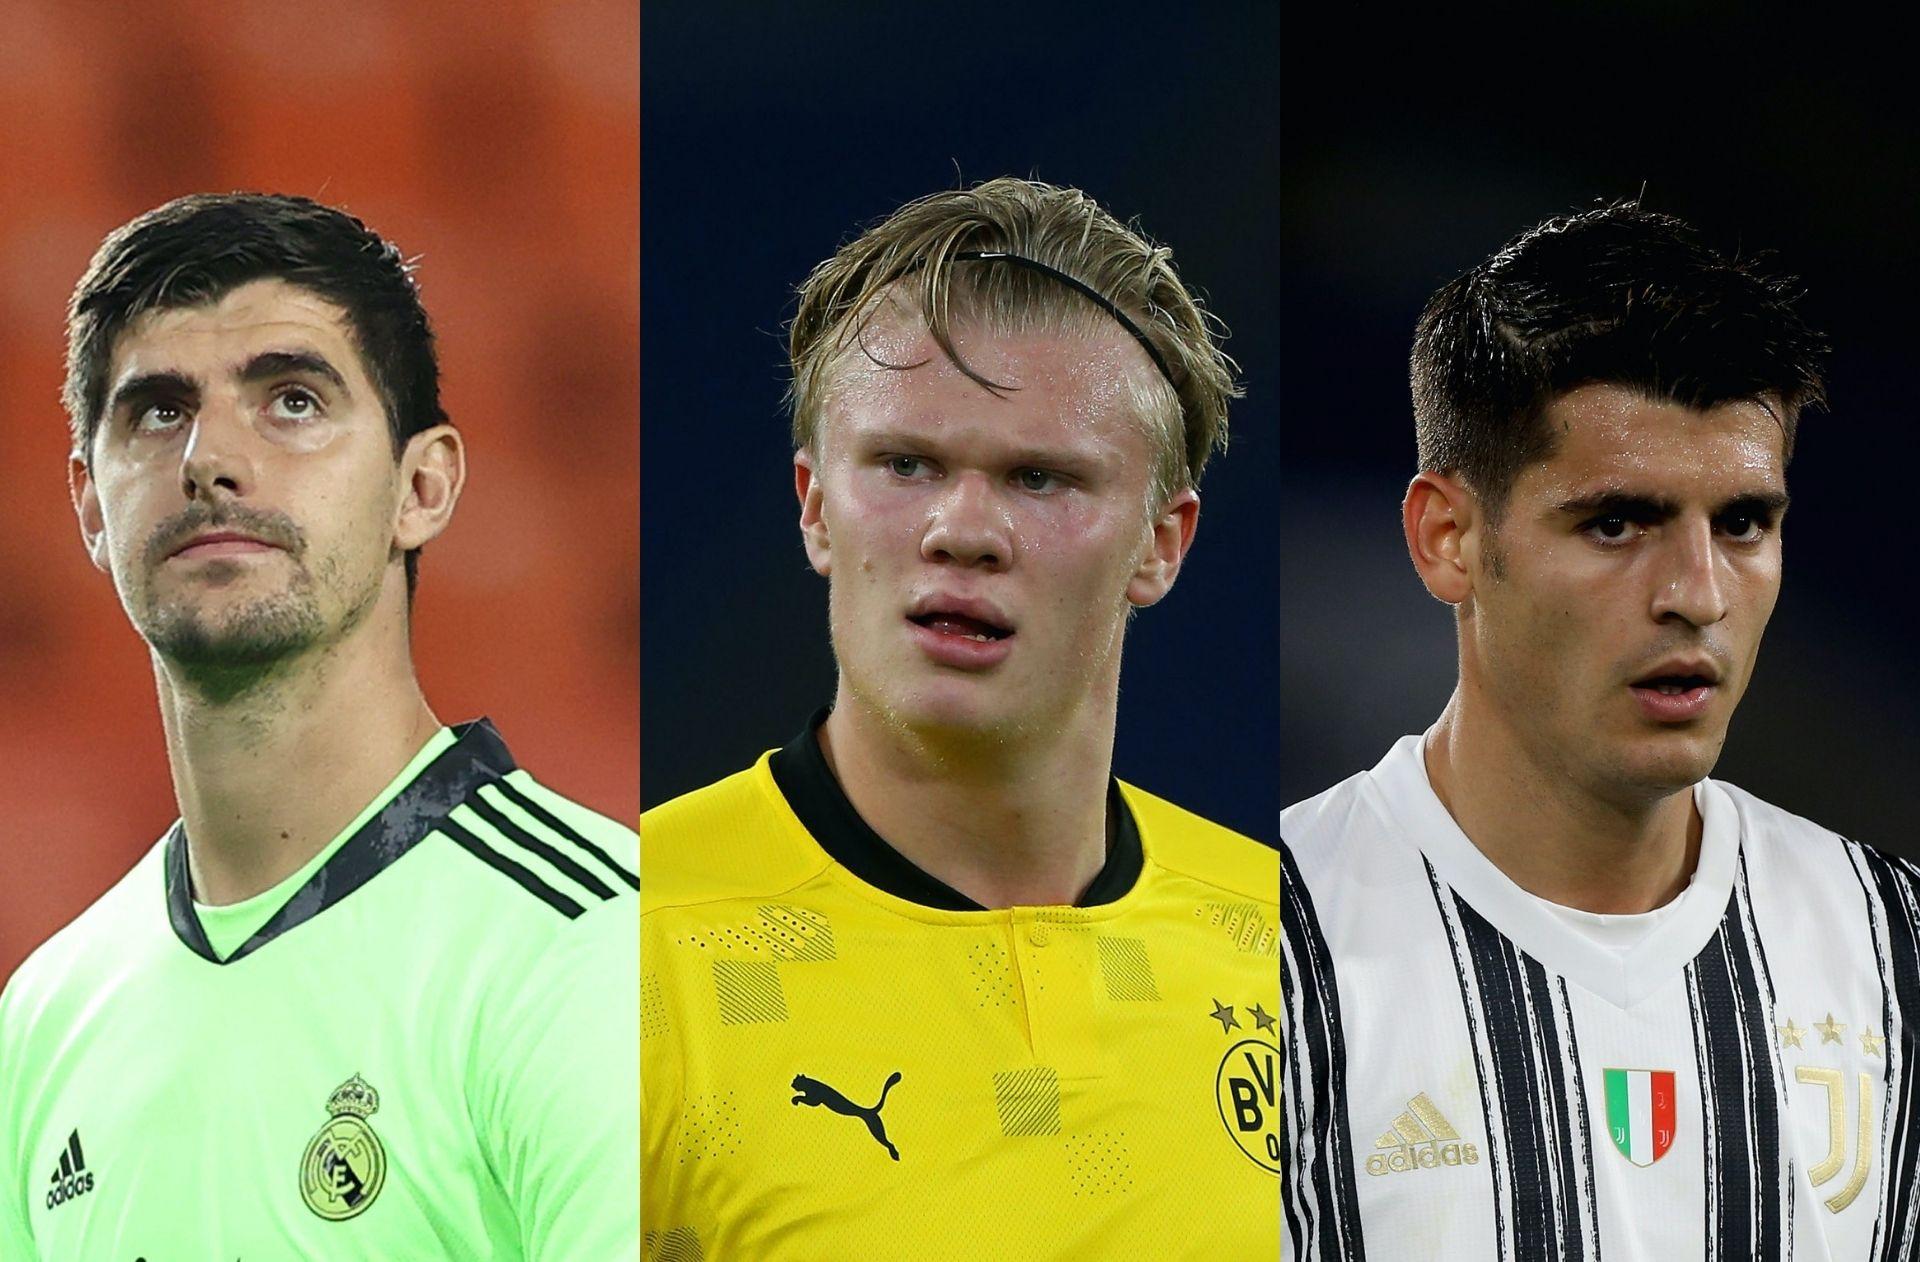 Thibaut Courtois, Erling Haaland, Alvaro Morata